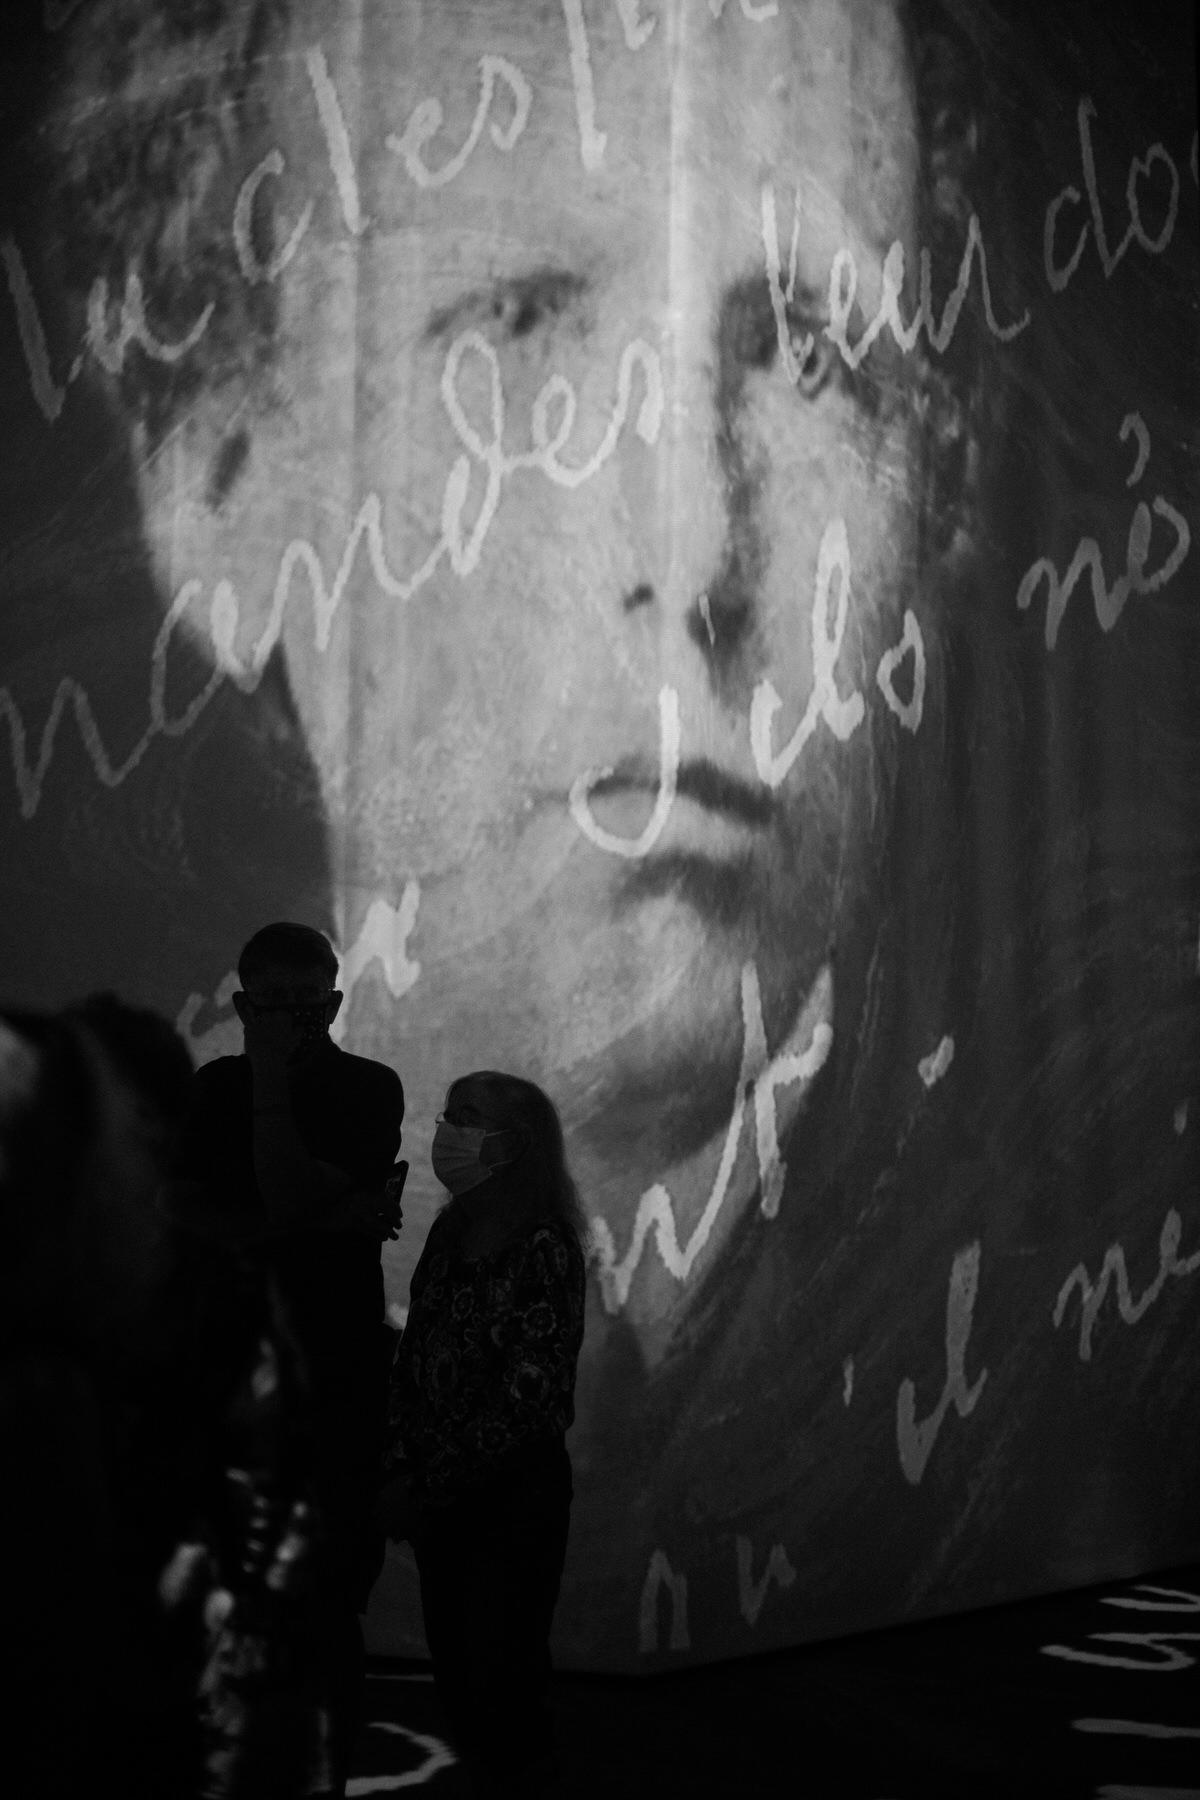 Van-Gogh-Exhibit-Wisconsin-Center-Milwaukee-by-Studio-L-Artist-Photographer-Laura-Schneider-_9780